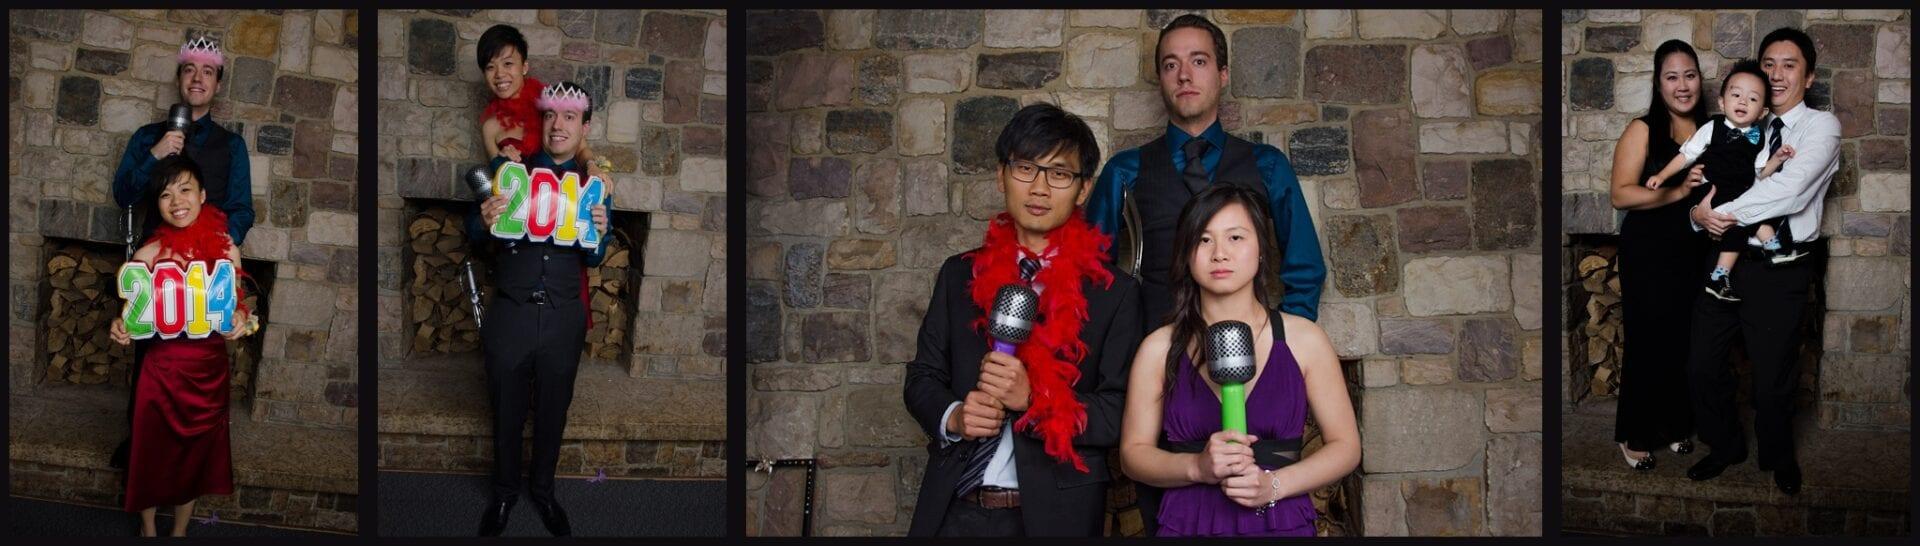 Edmonton-Wedding-photo-booth-Photography-121